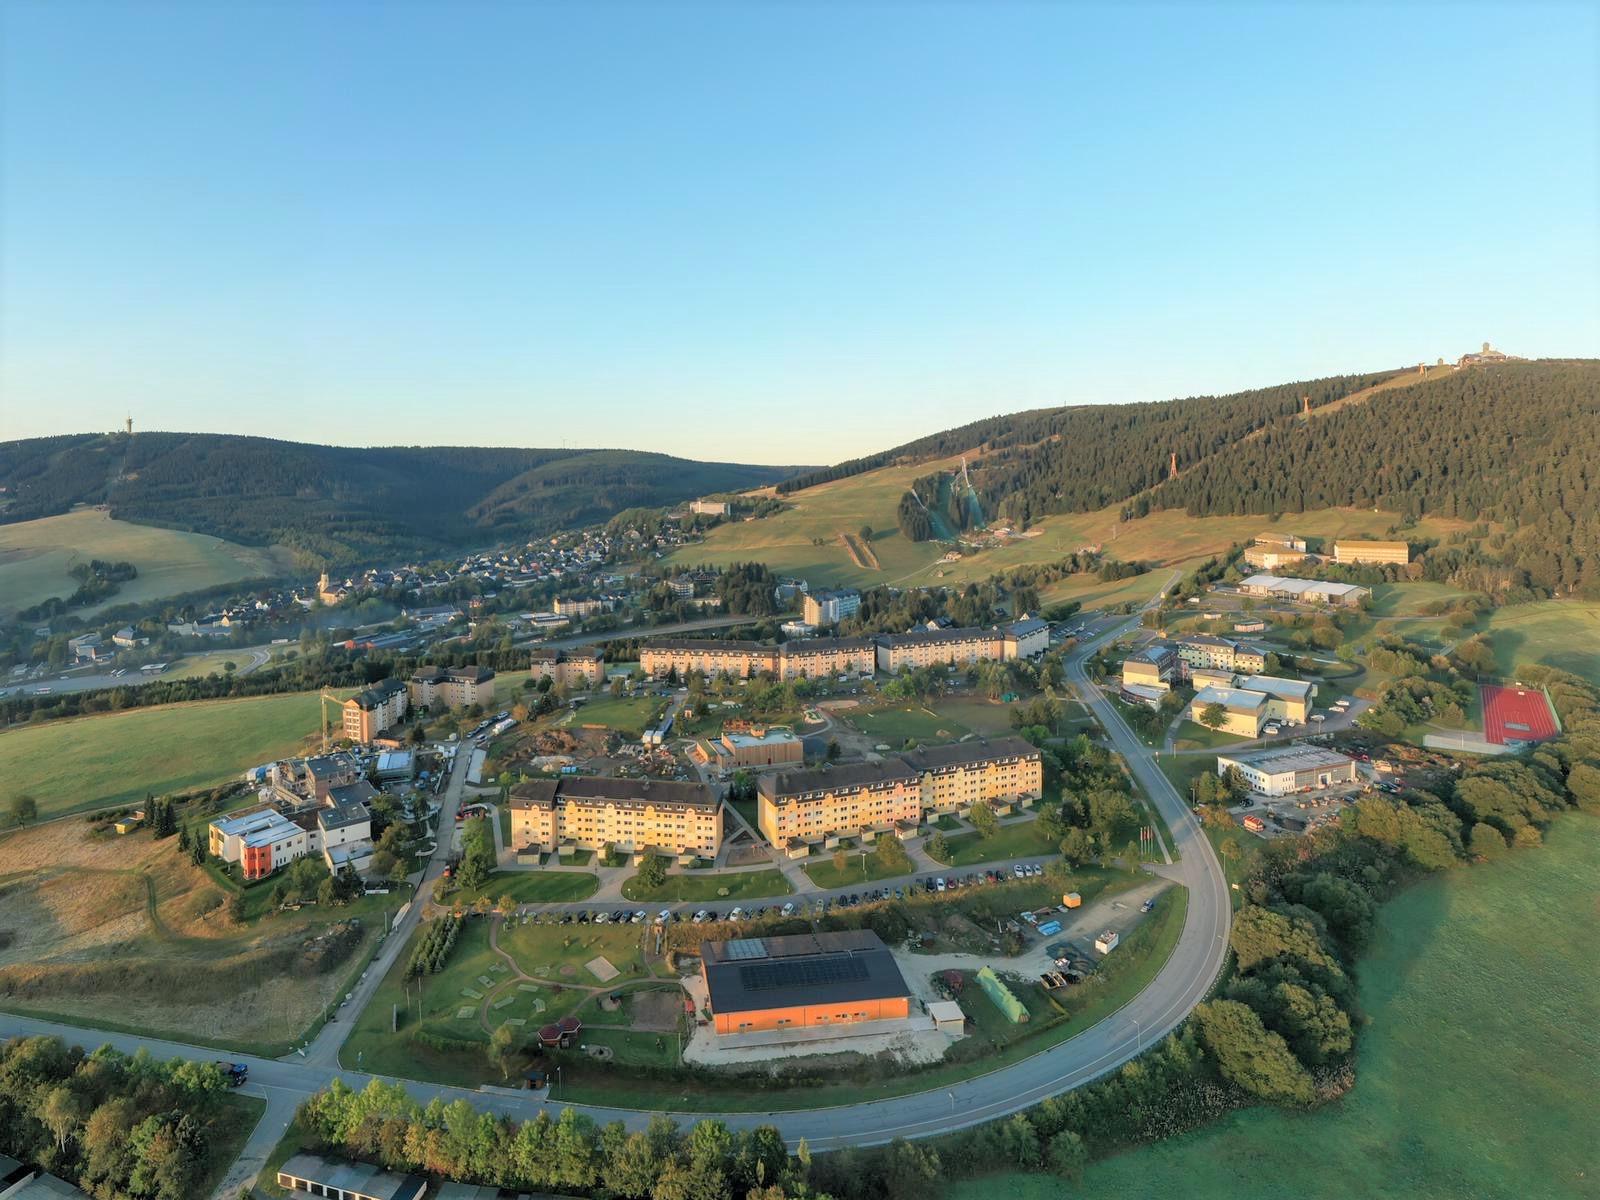 Lohnt sich ein Familienhotel? Meine Erfahrung mit dem Elldus Resort im schönen Erzgebirge